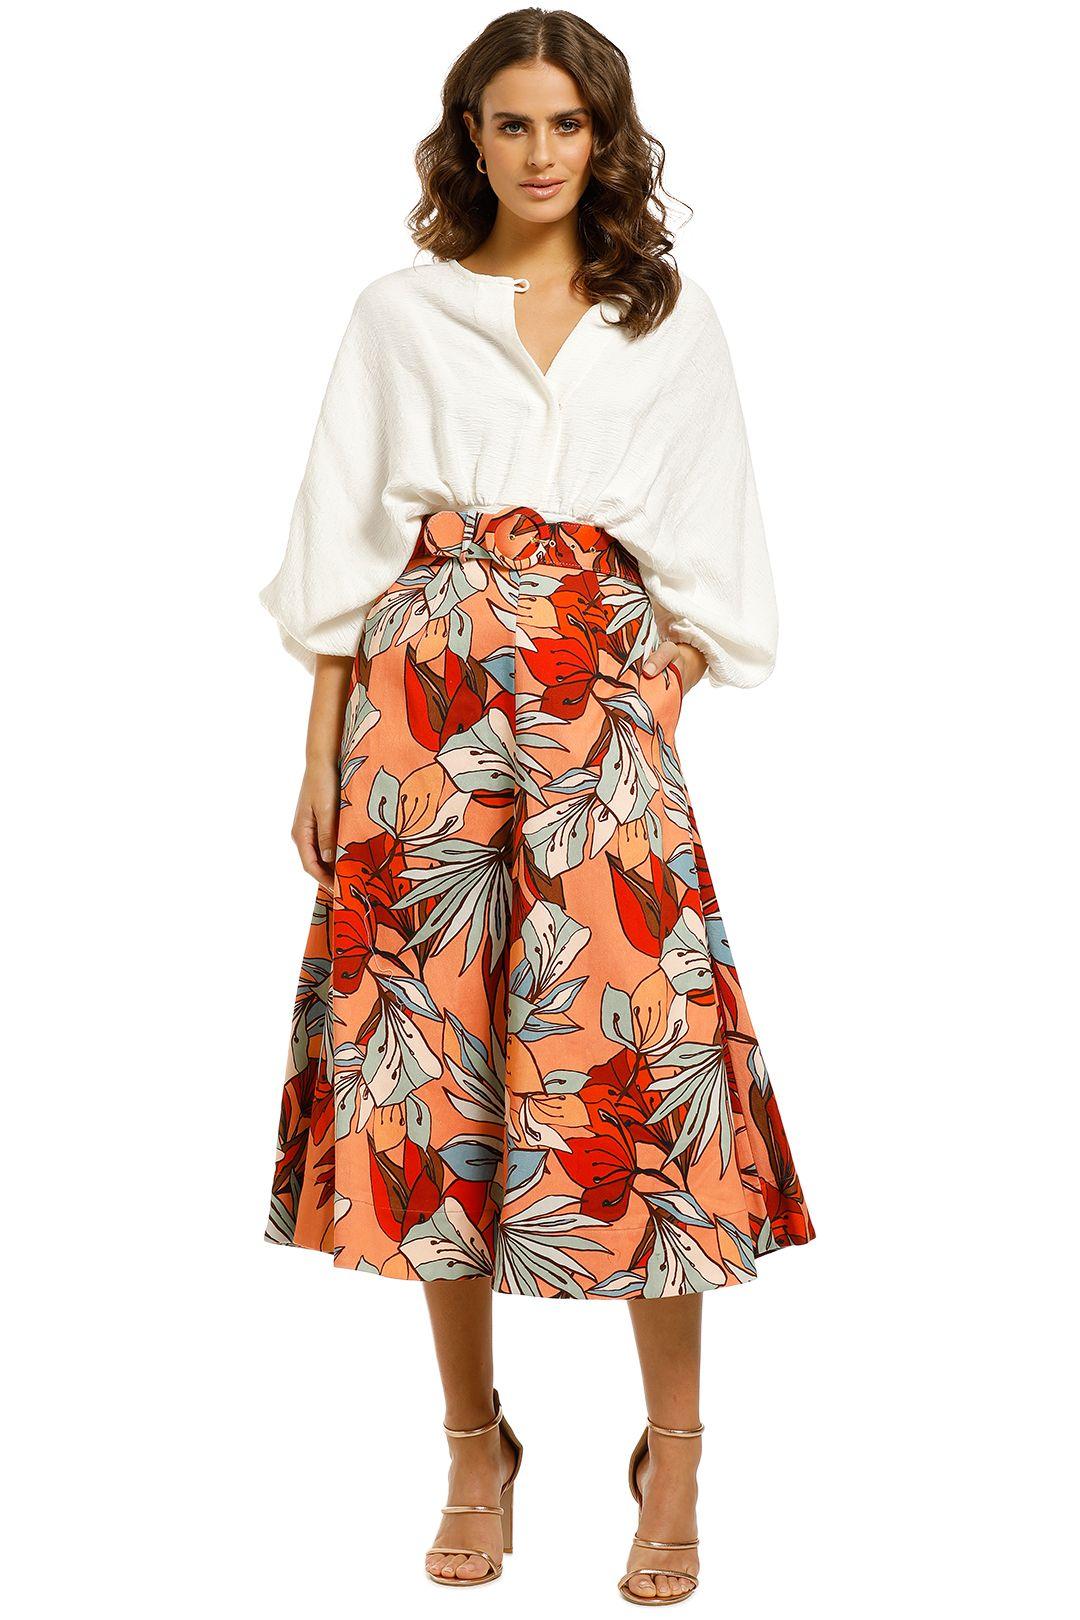 Nicholas-Jacqueline-Skirt-Tarama-Deco-Floral-Front